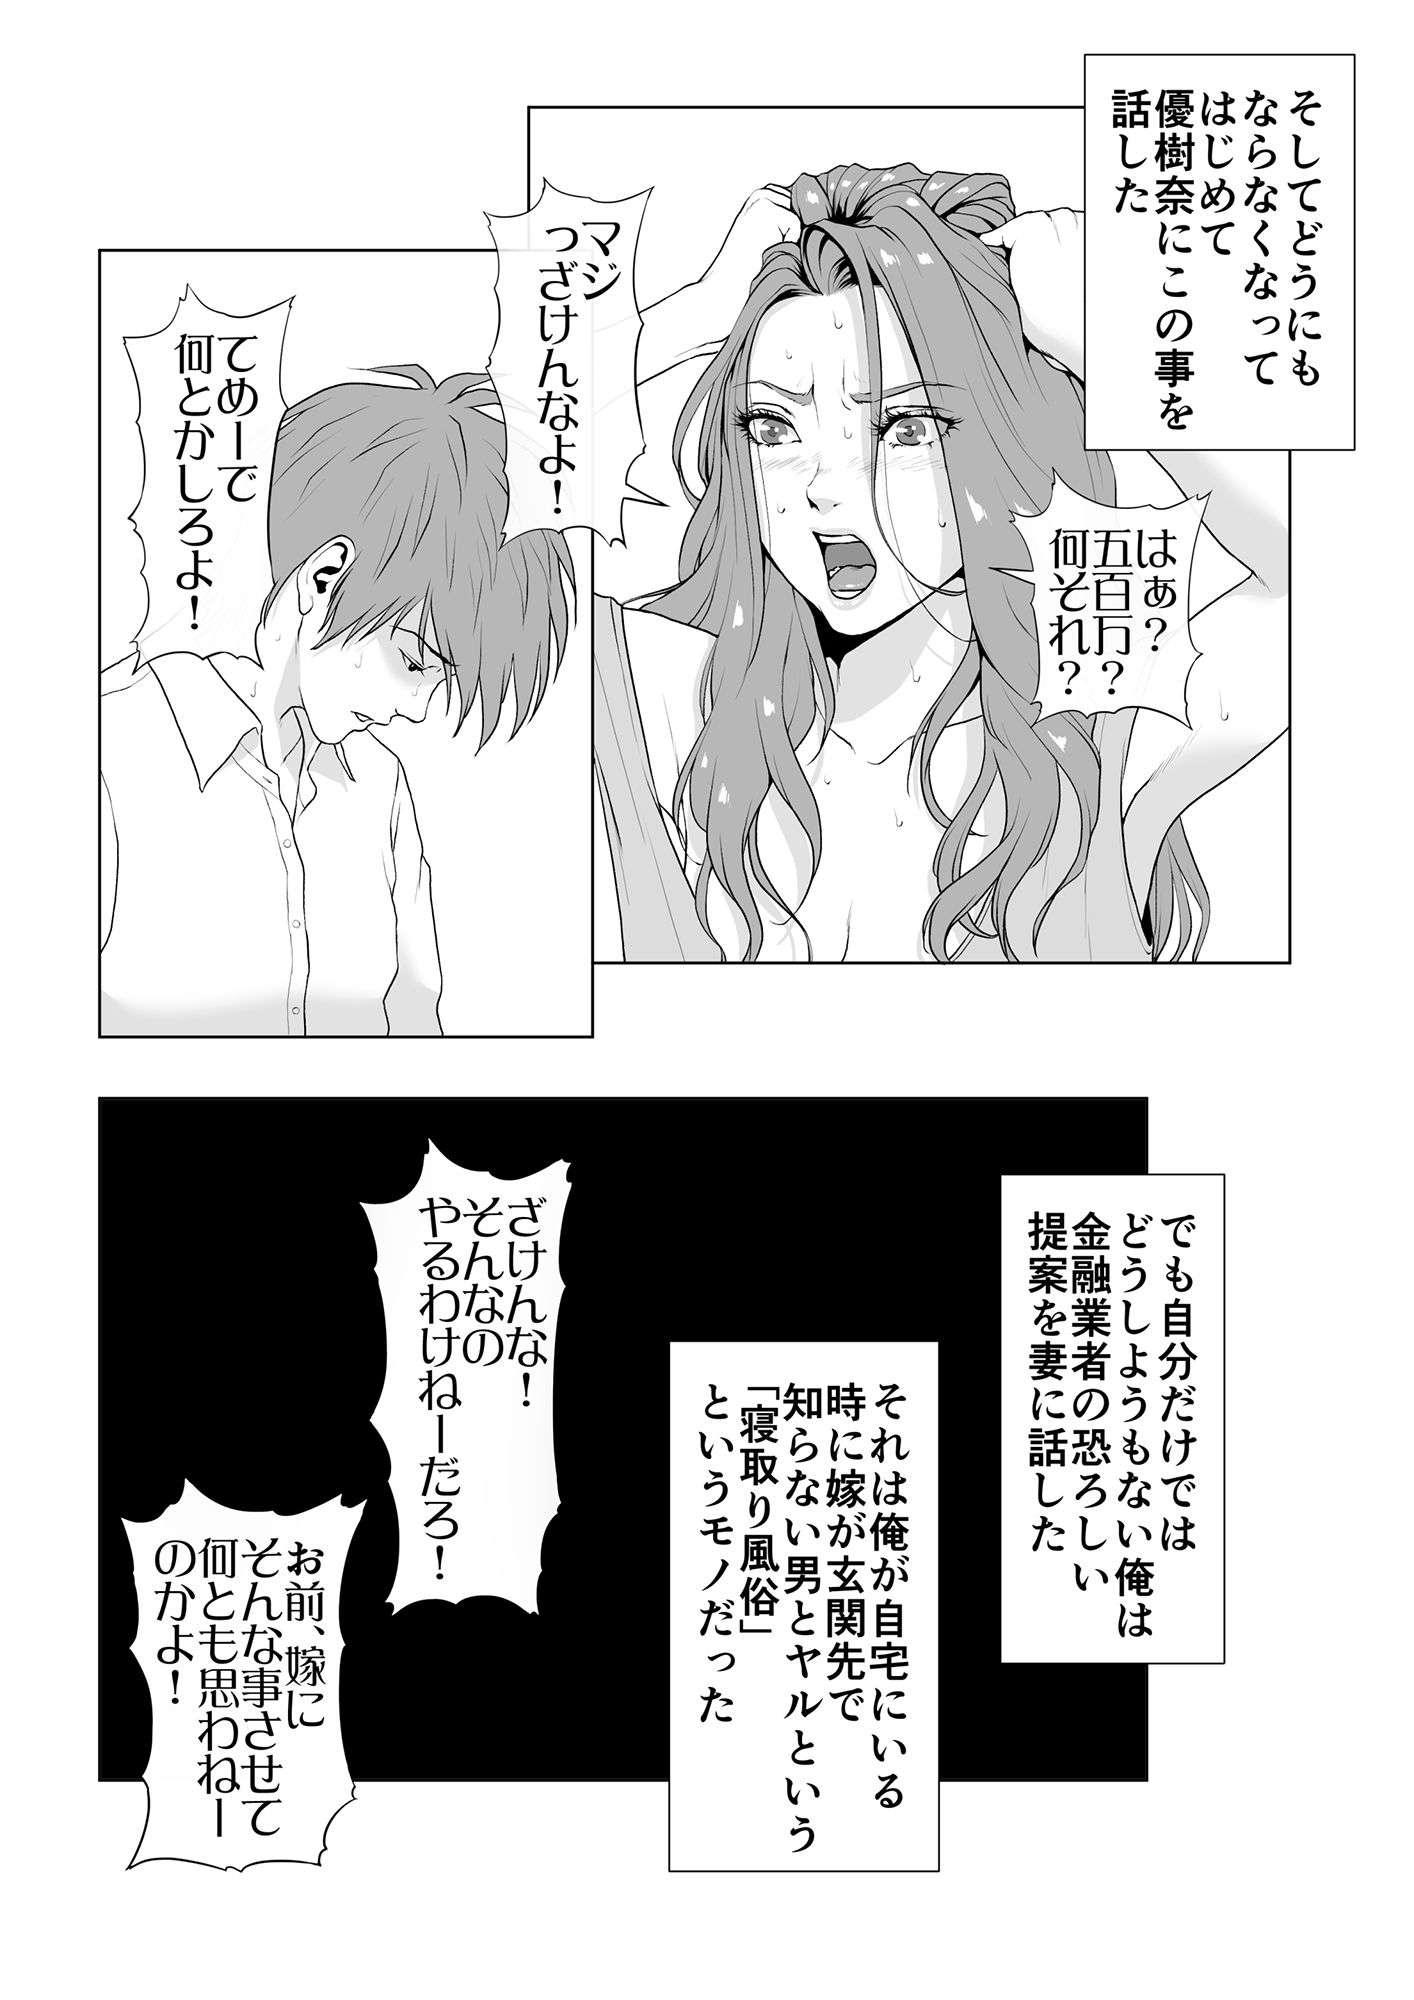 イキ癖をつけられた元ヤン妻【作者:Wの本能】【2】